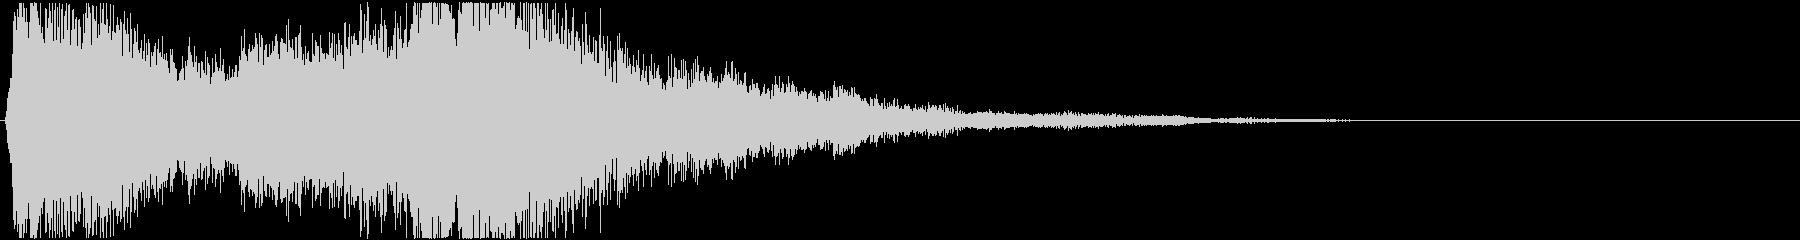 ダークで緊迫感のあるシネマティック曲 cの未再生の波形